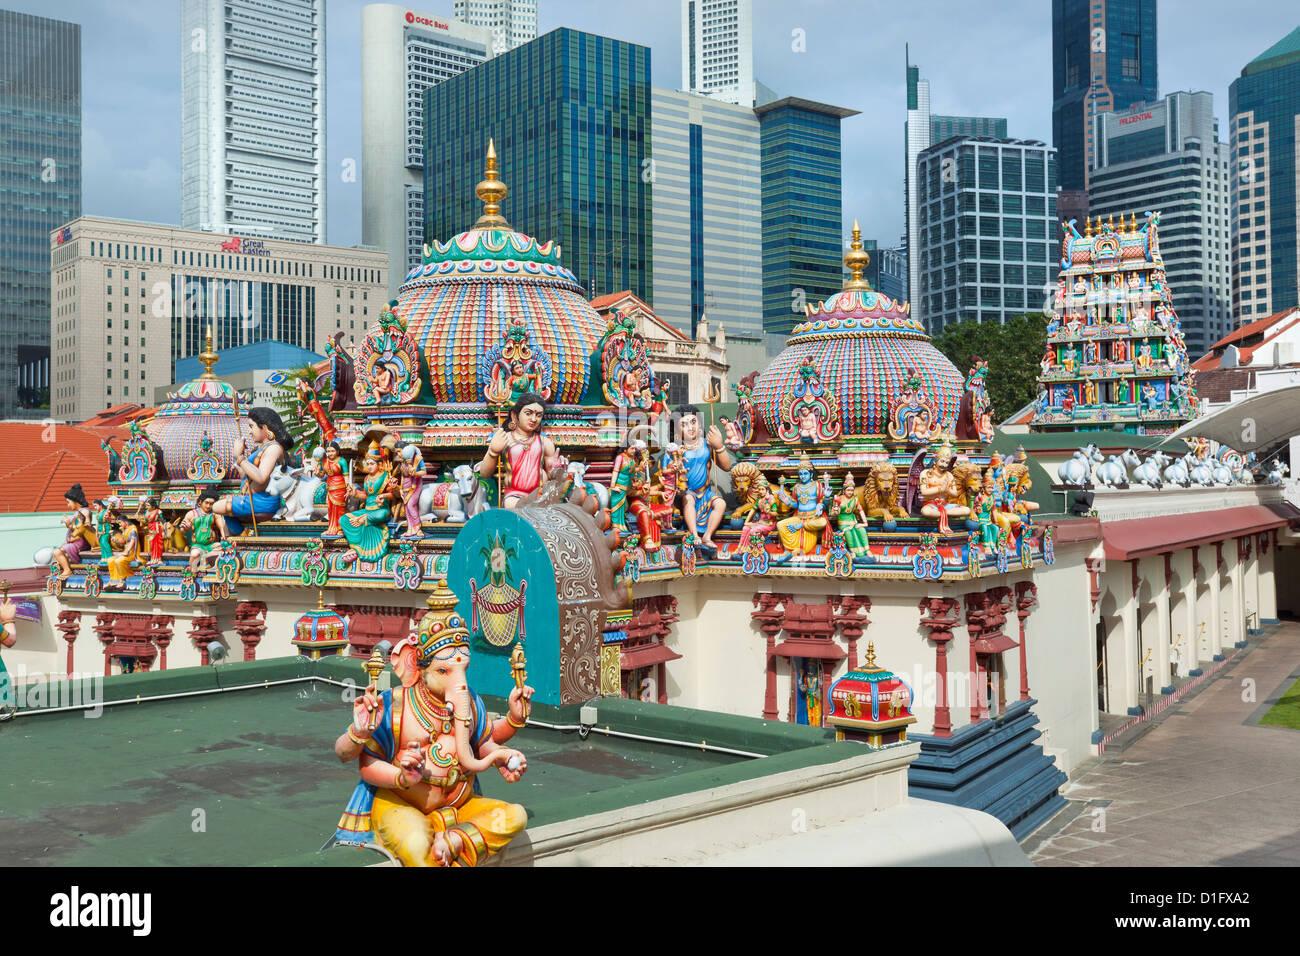 Il tetto del tempio di Sri Mariamman, un stile dravidico tempio in Chinatown, Singapore, Sud-est asiatico, in Asia Immagini Stock